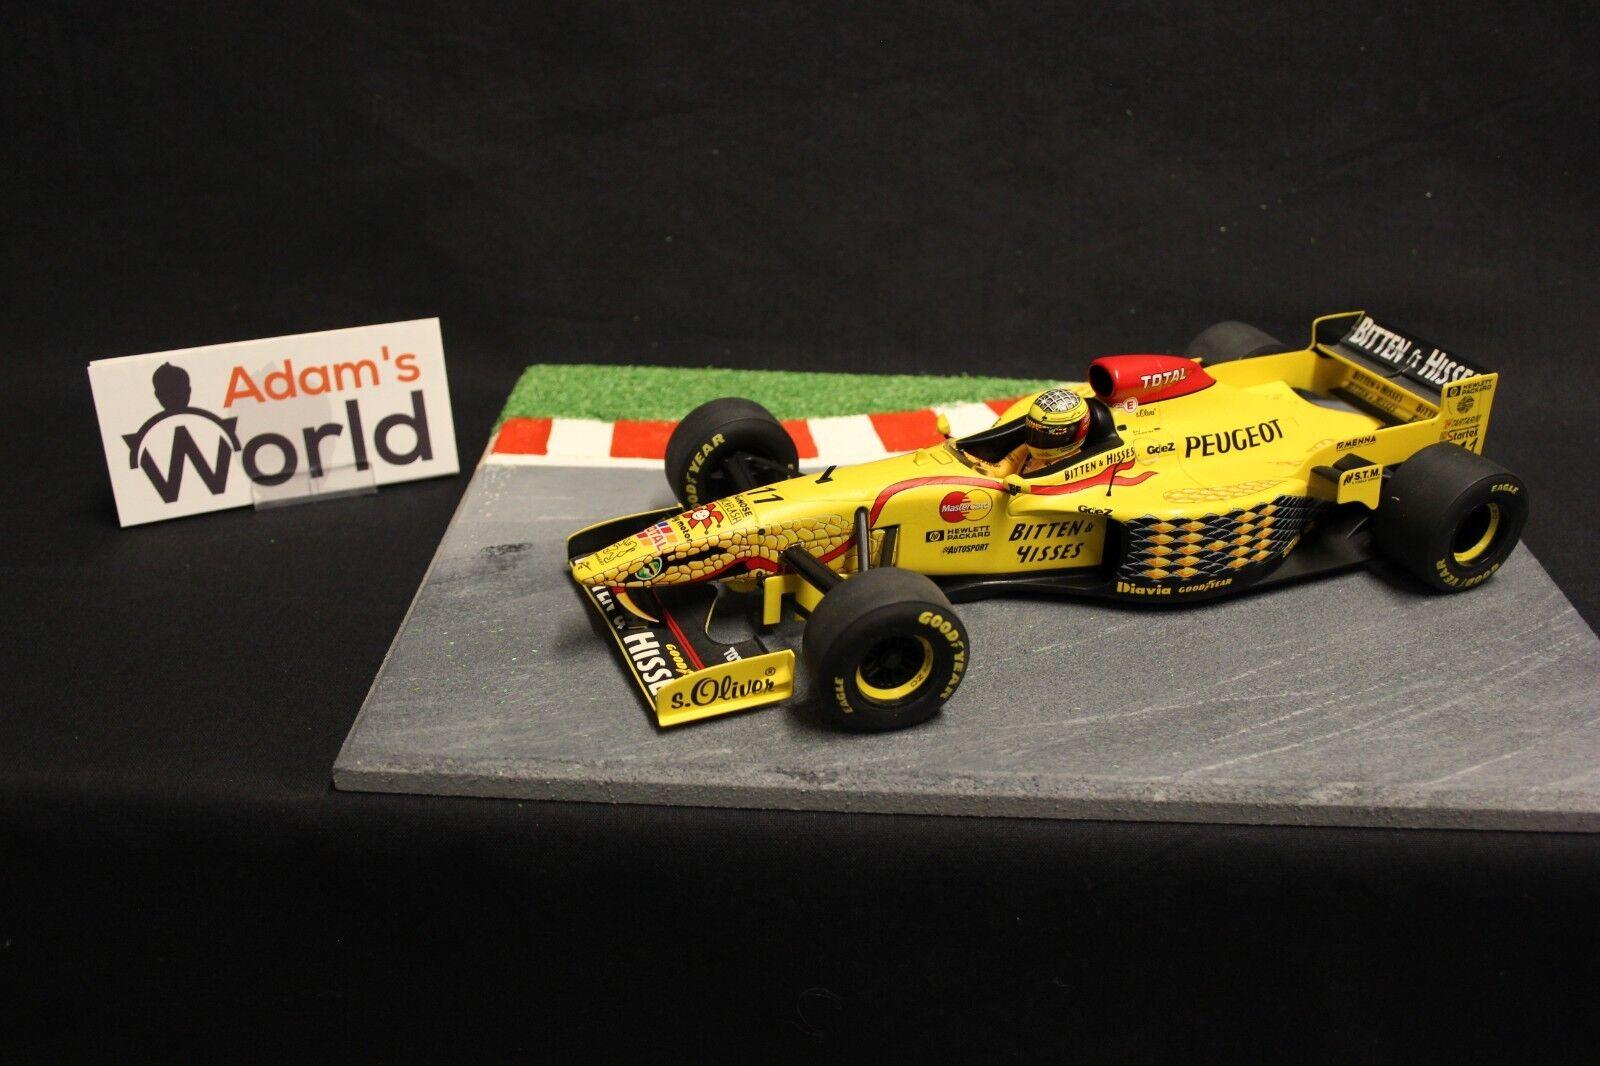 Minichamps Jordan Peugeot 197 1997 1 18  11 Ralf Schumacher (GER) (F1NB)